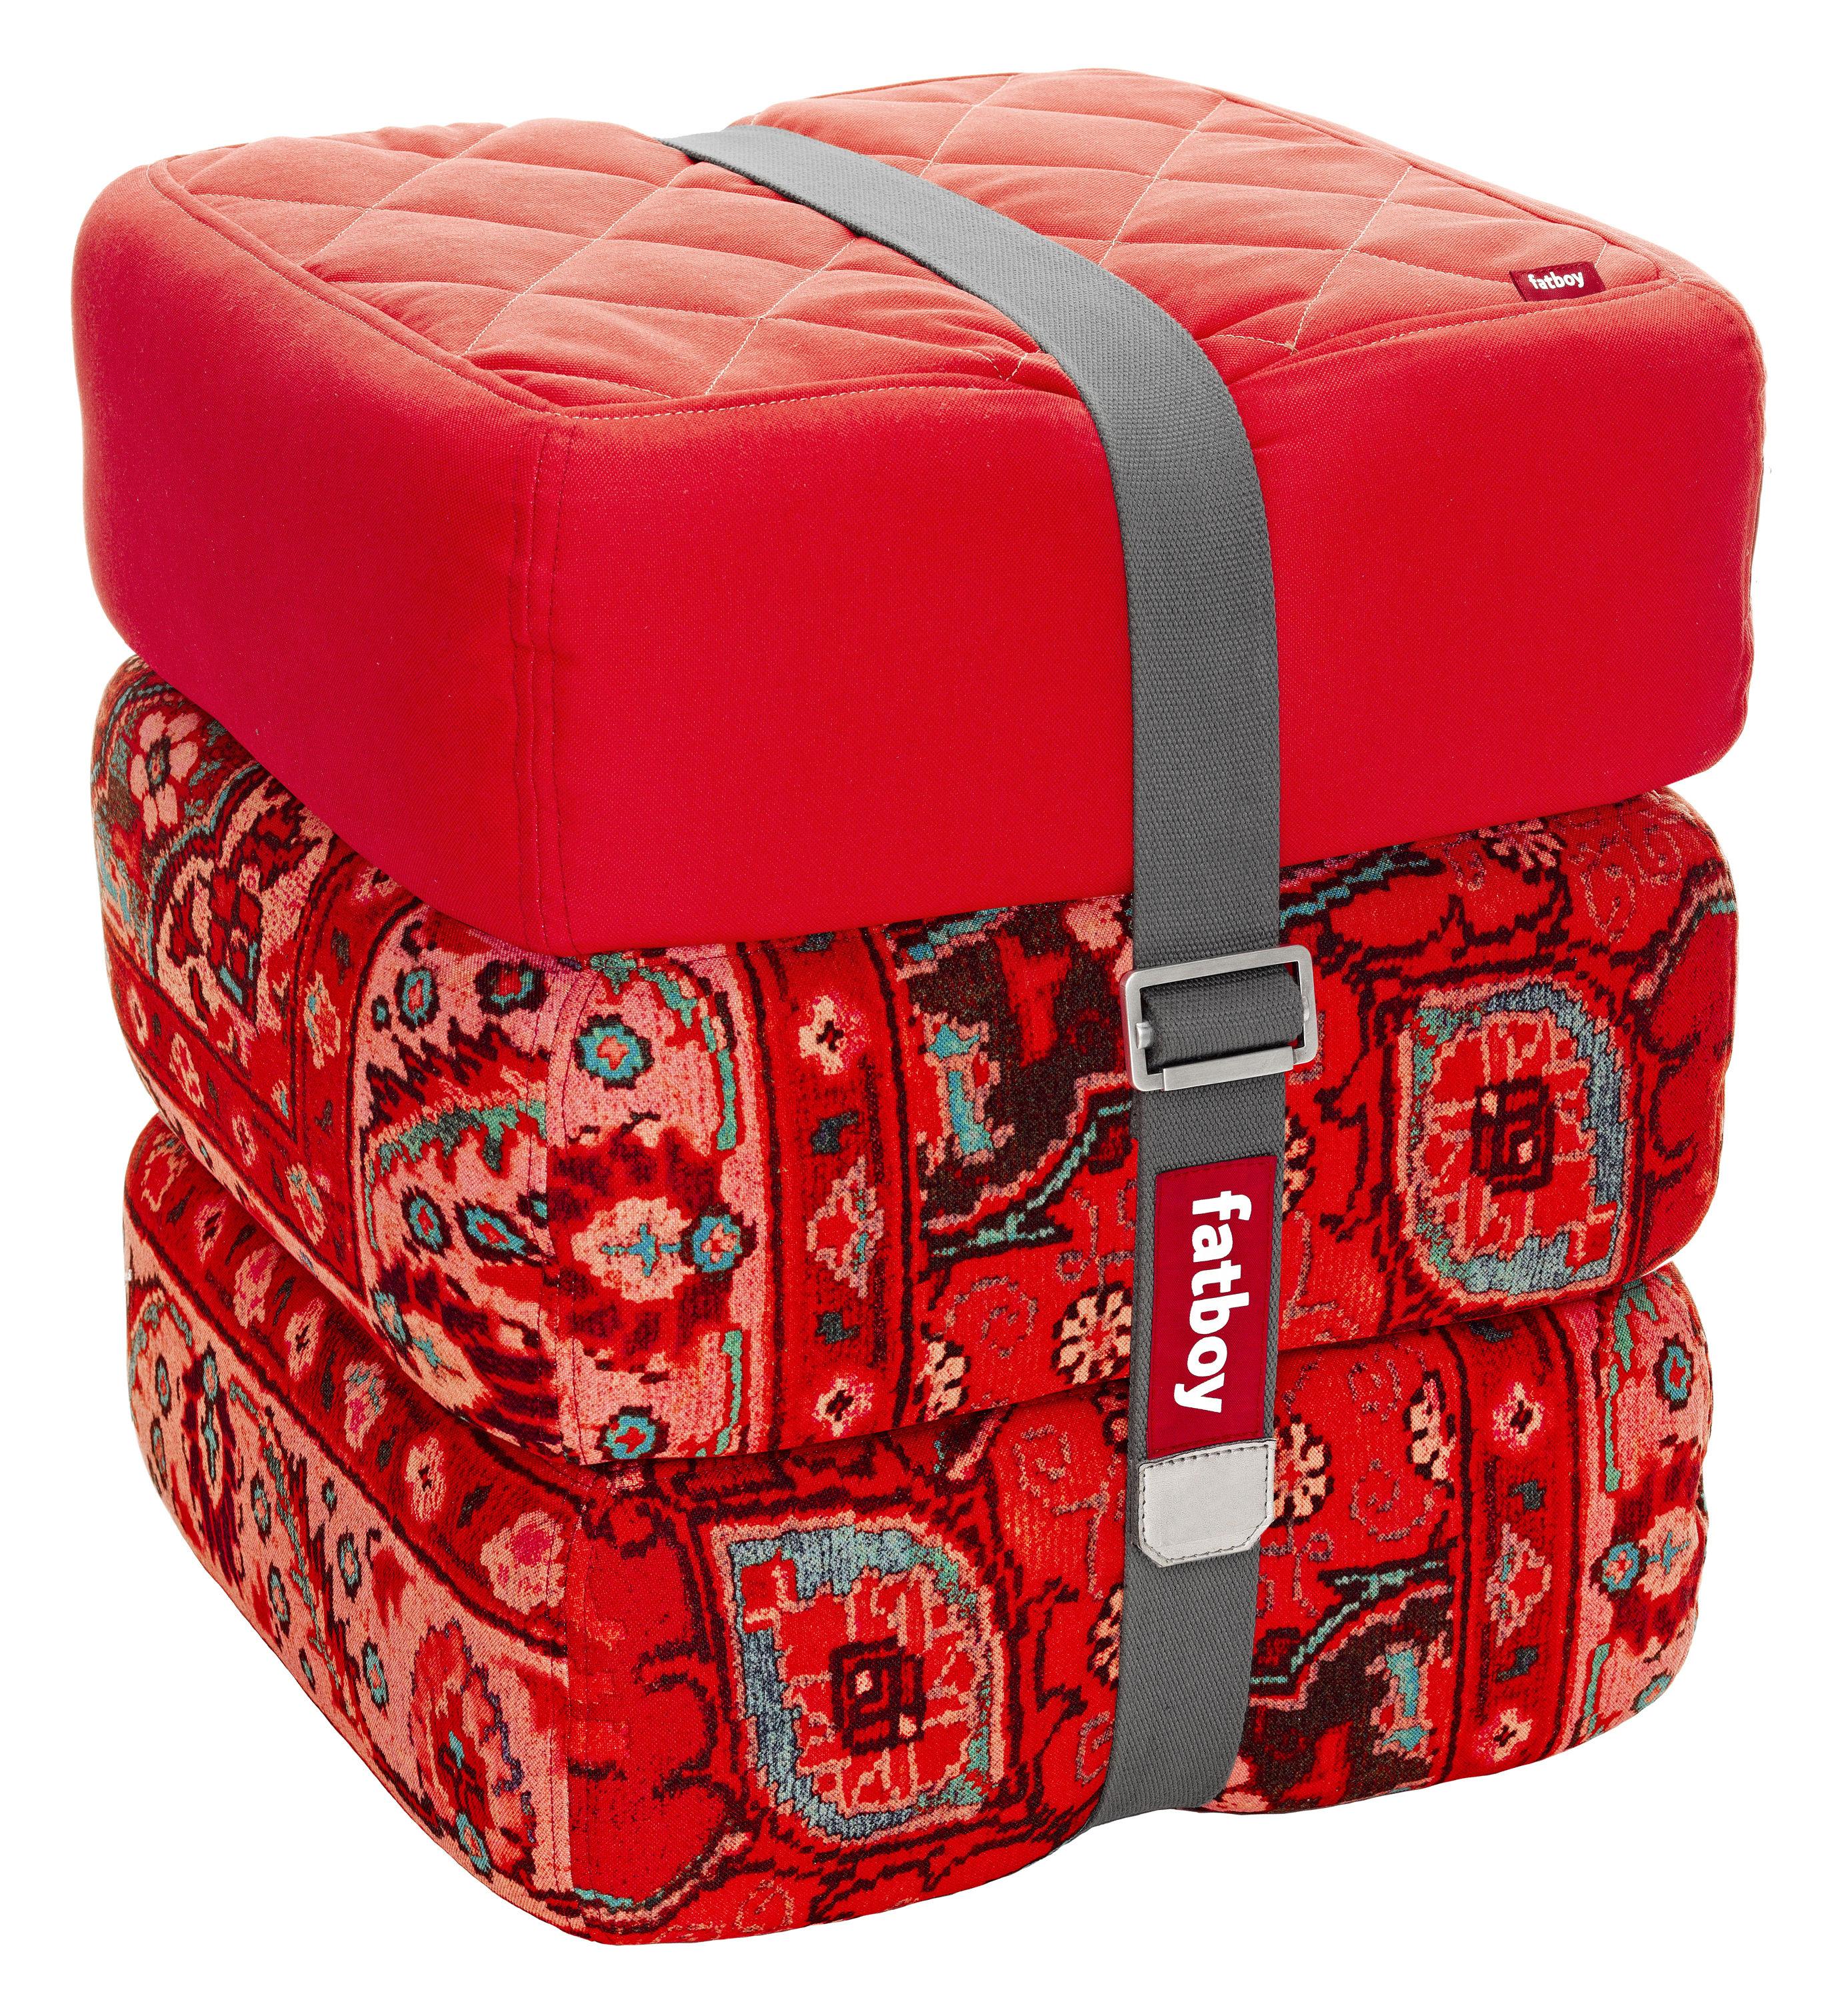 pouf baboesjka / set 3 coussins de sol rouge / rouge persan - fatboy